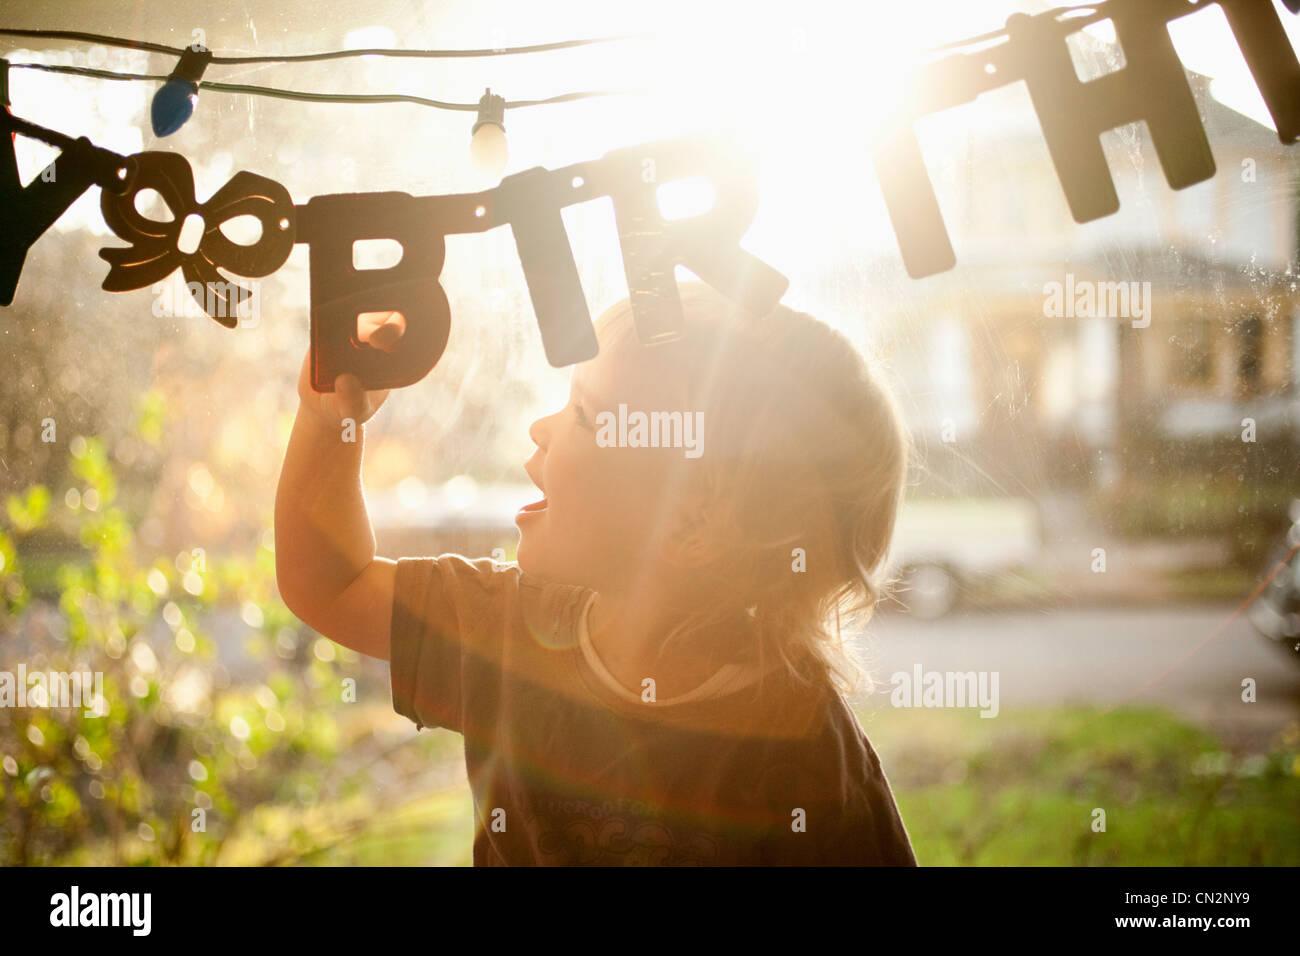 Joven tocar cumpleaños banner Imagen De Stock